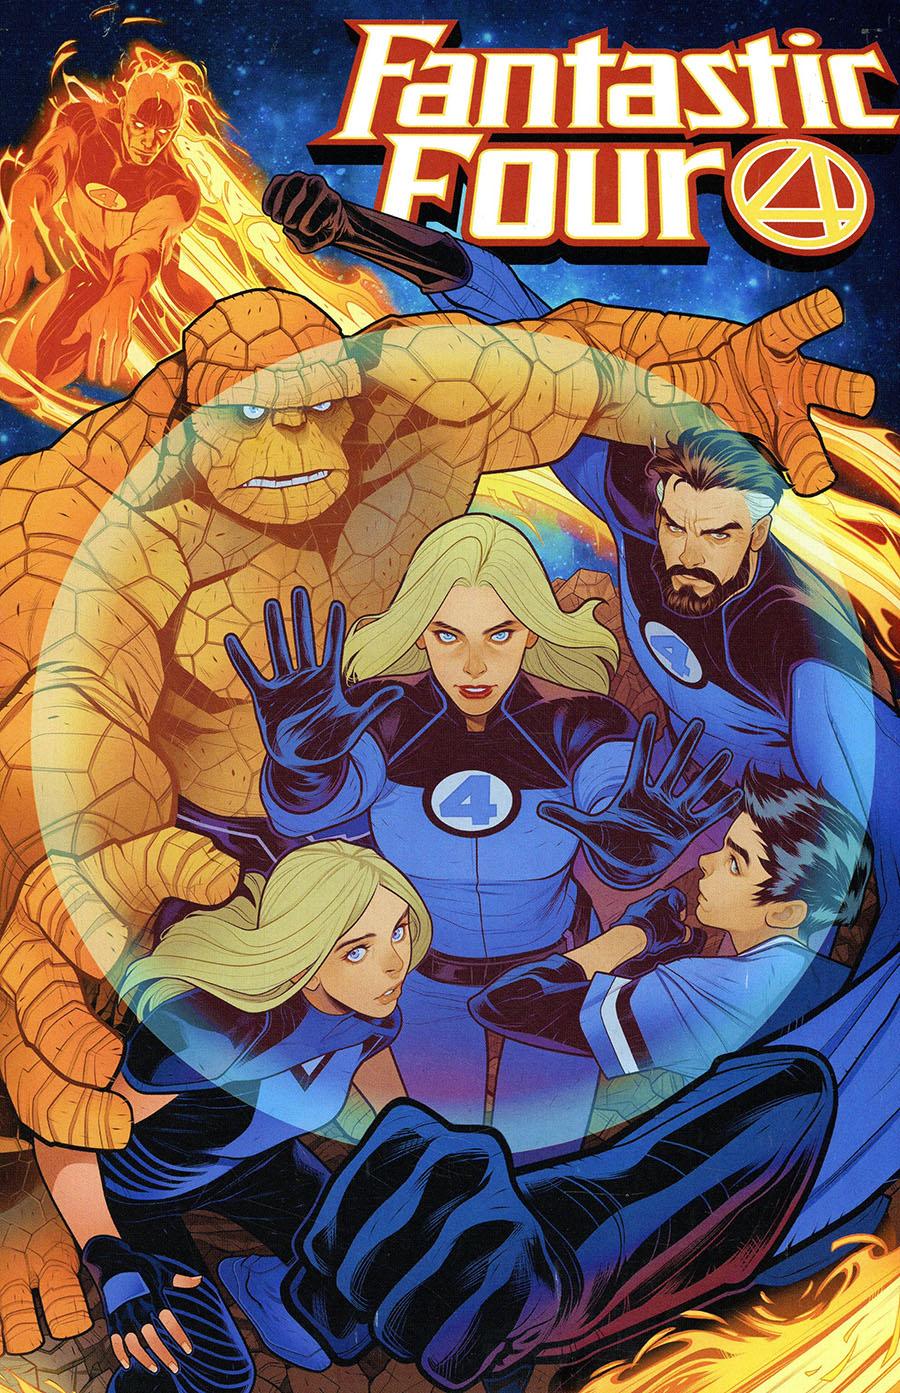 Fantastic Four Vol 6 #35 Cover D Variant Elizabeth Torque Cover